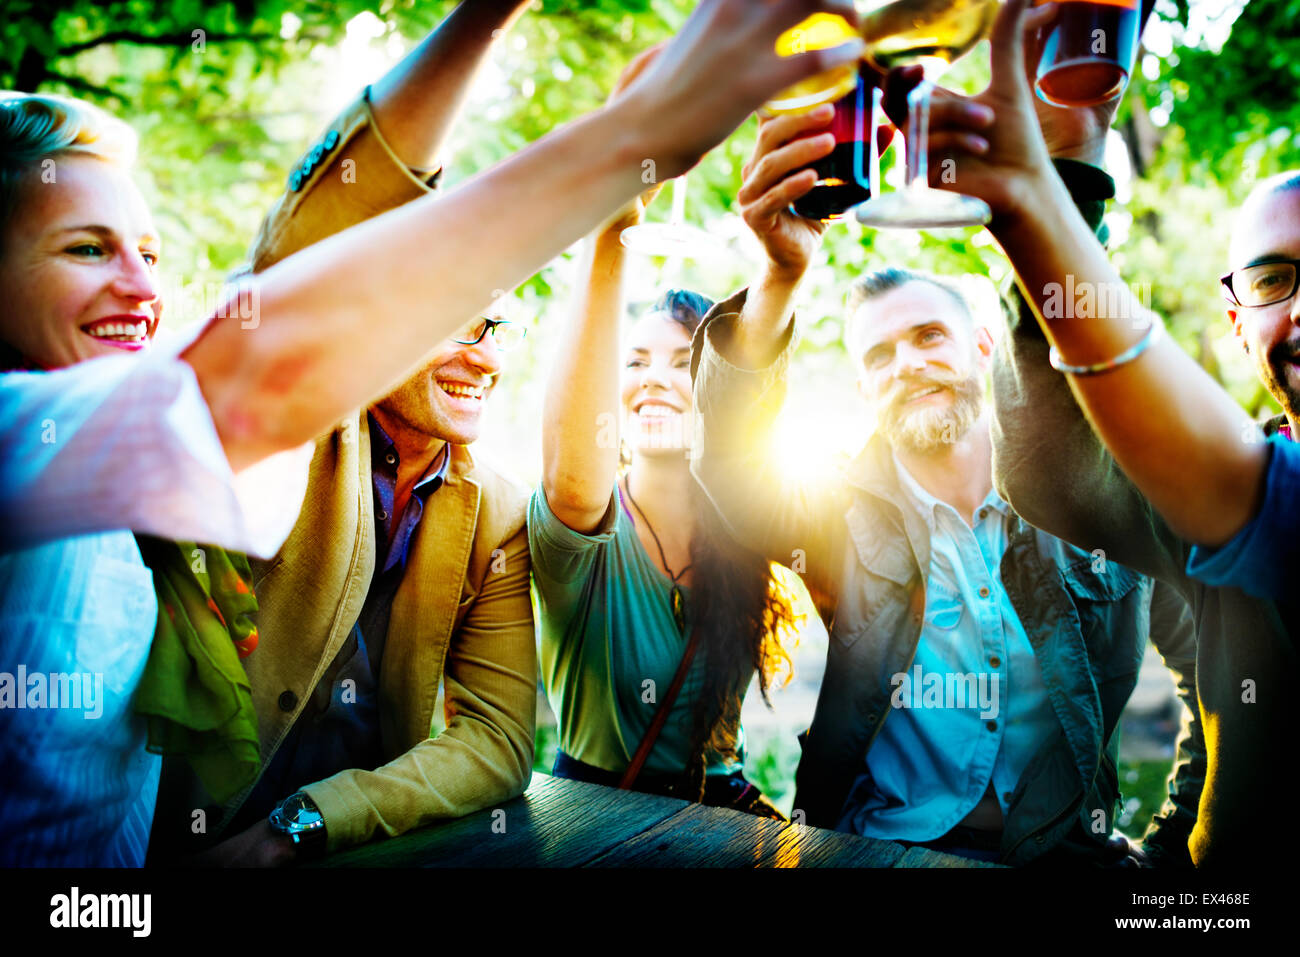 Freunde feiern im freien feiern Glück Konzept Stockbild